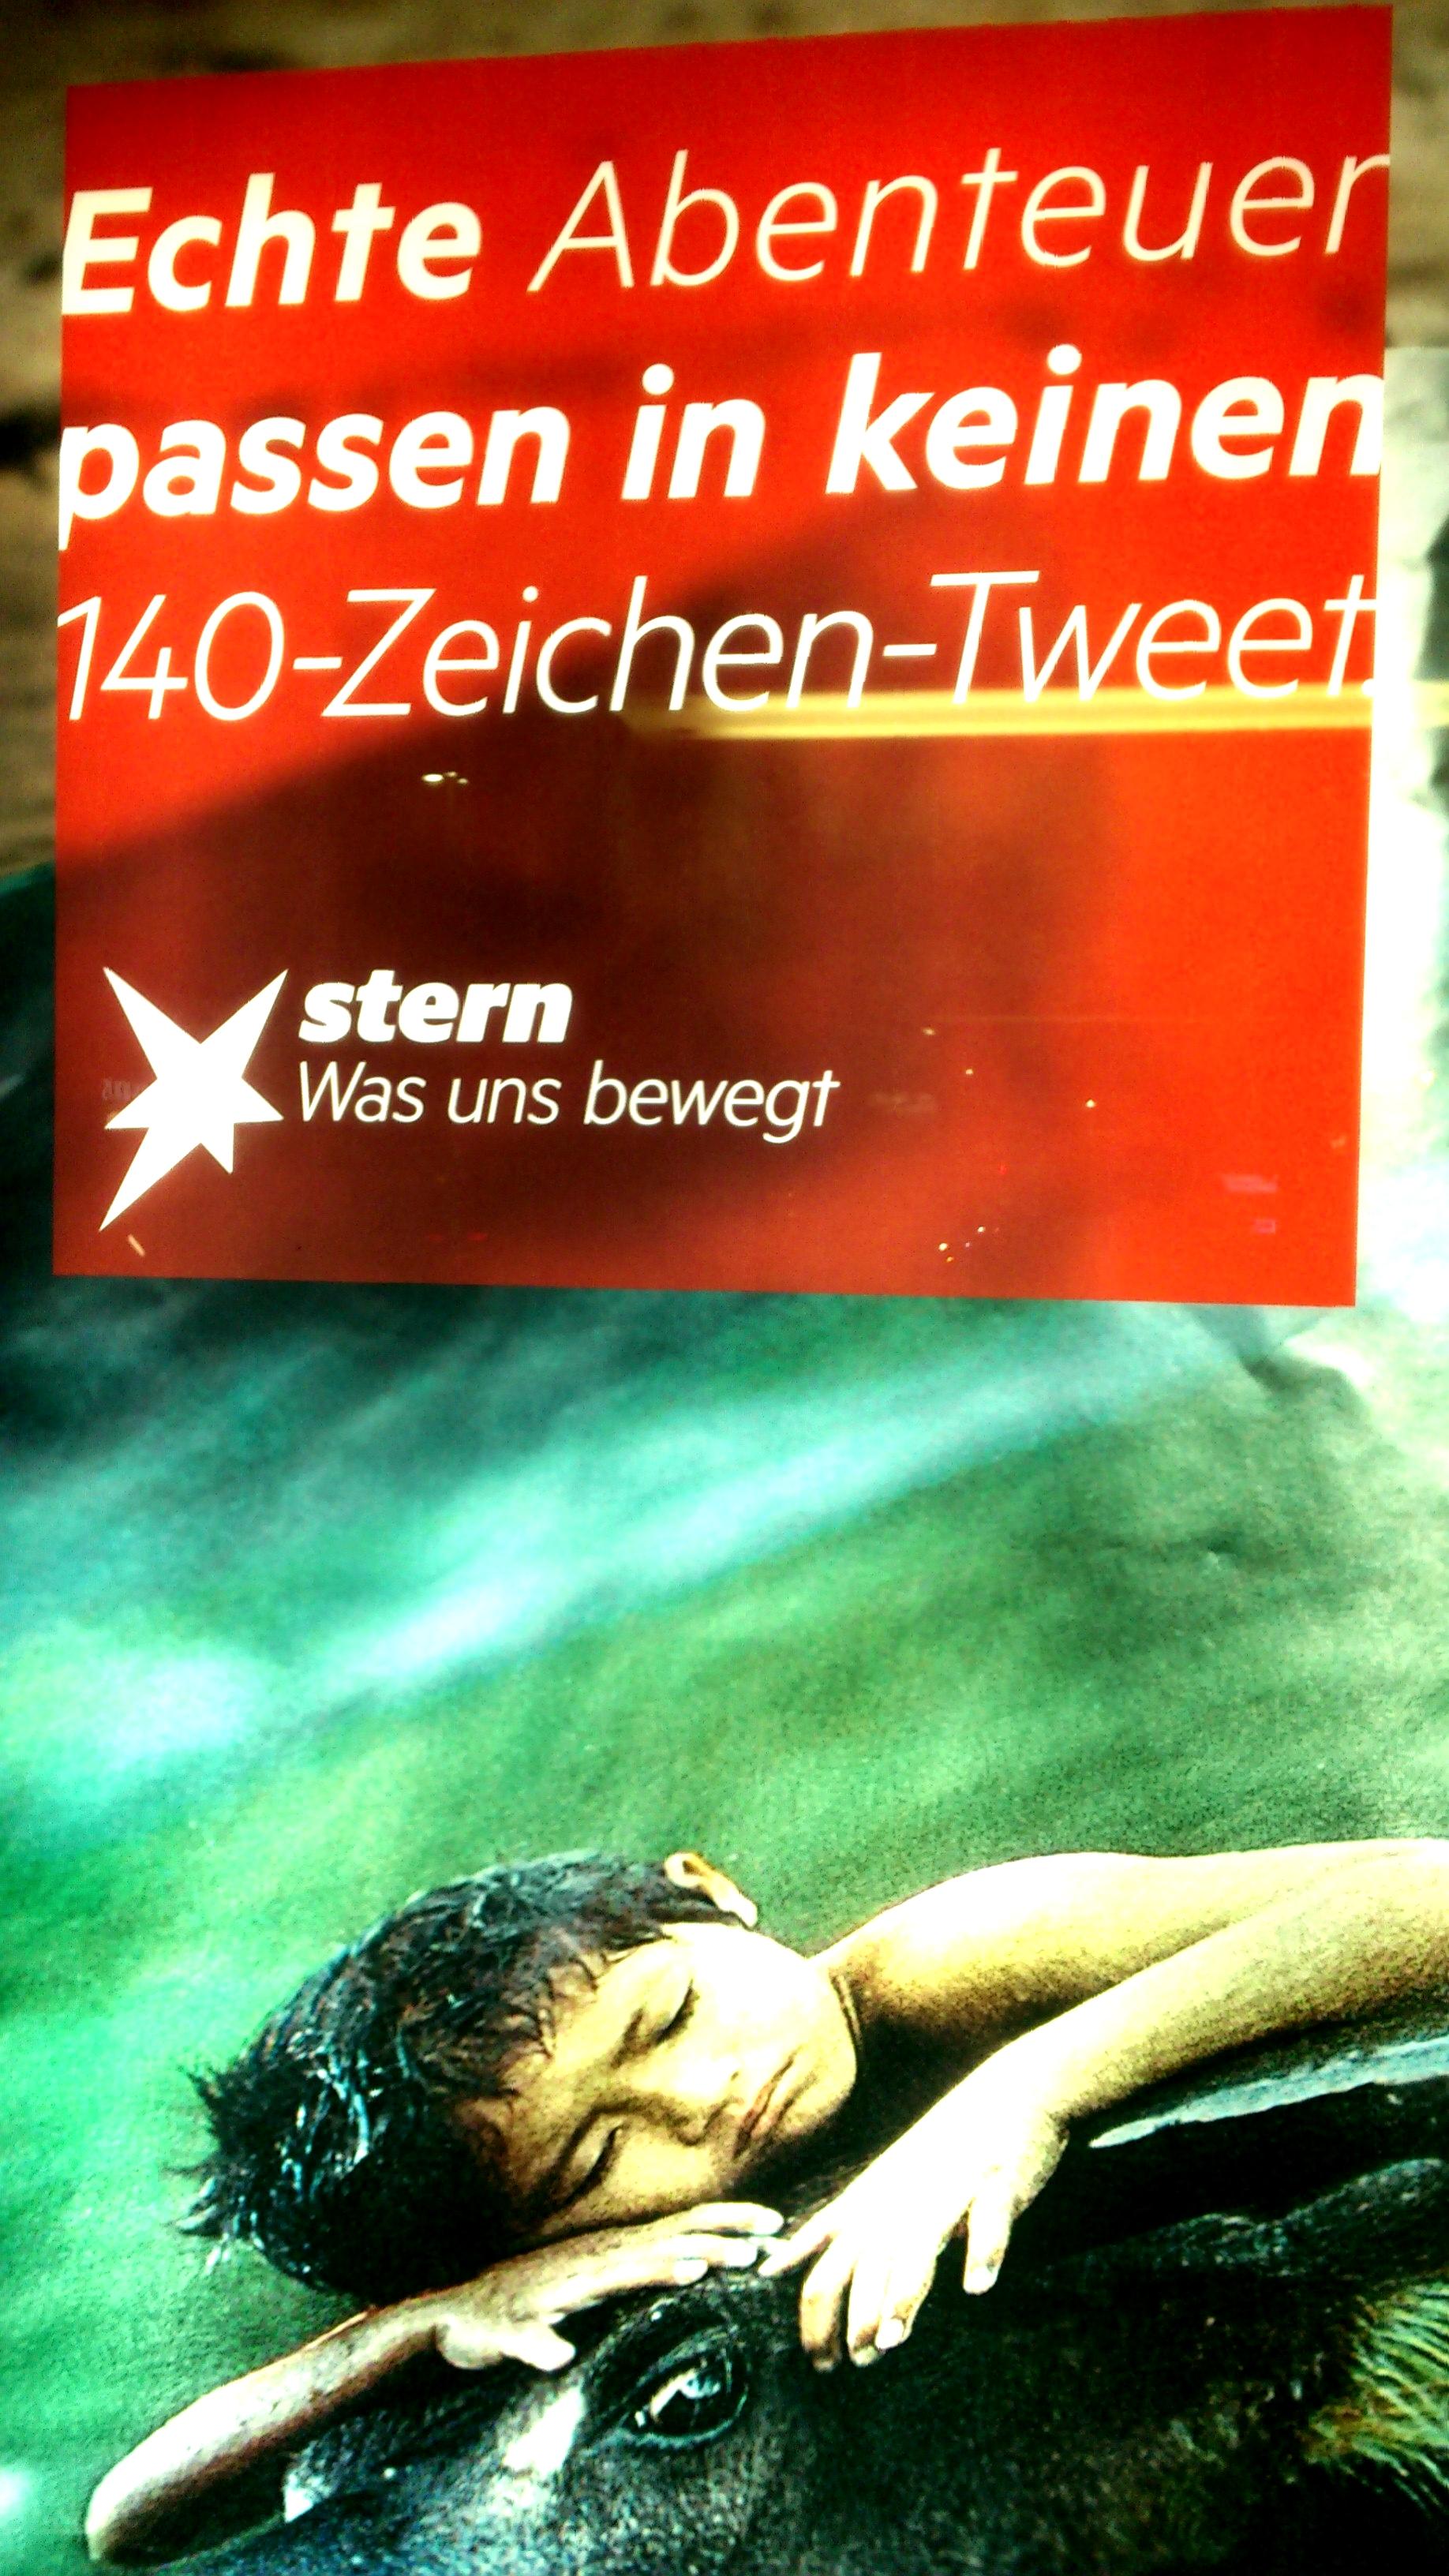 Stern_Werbung